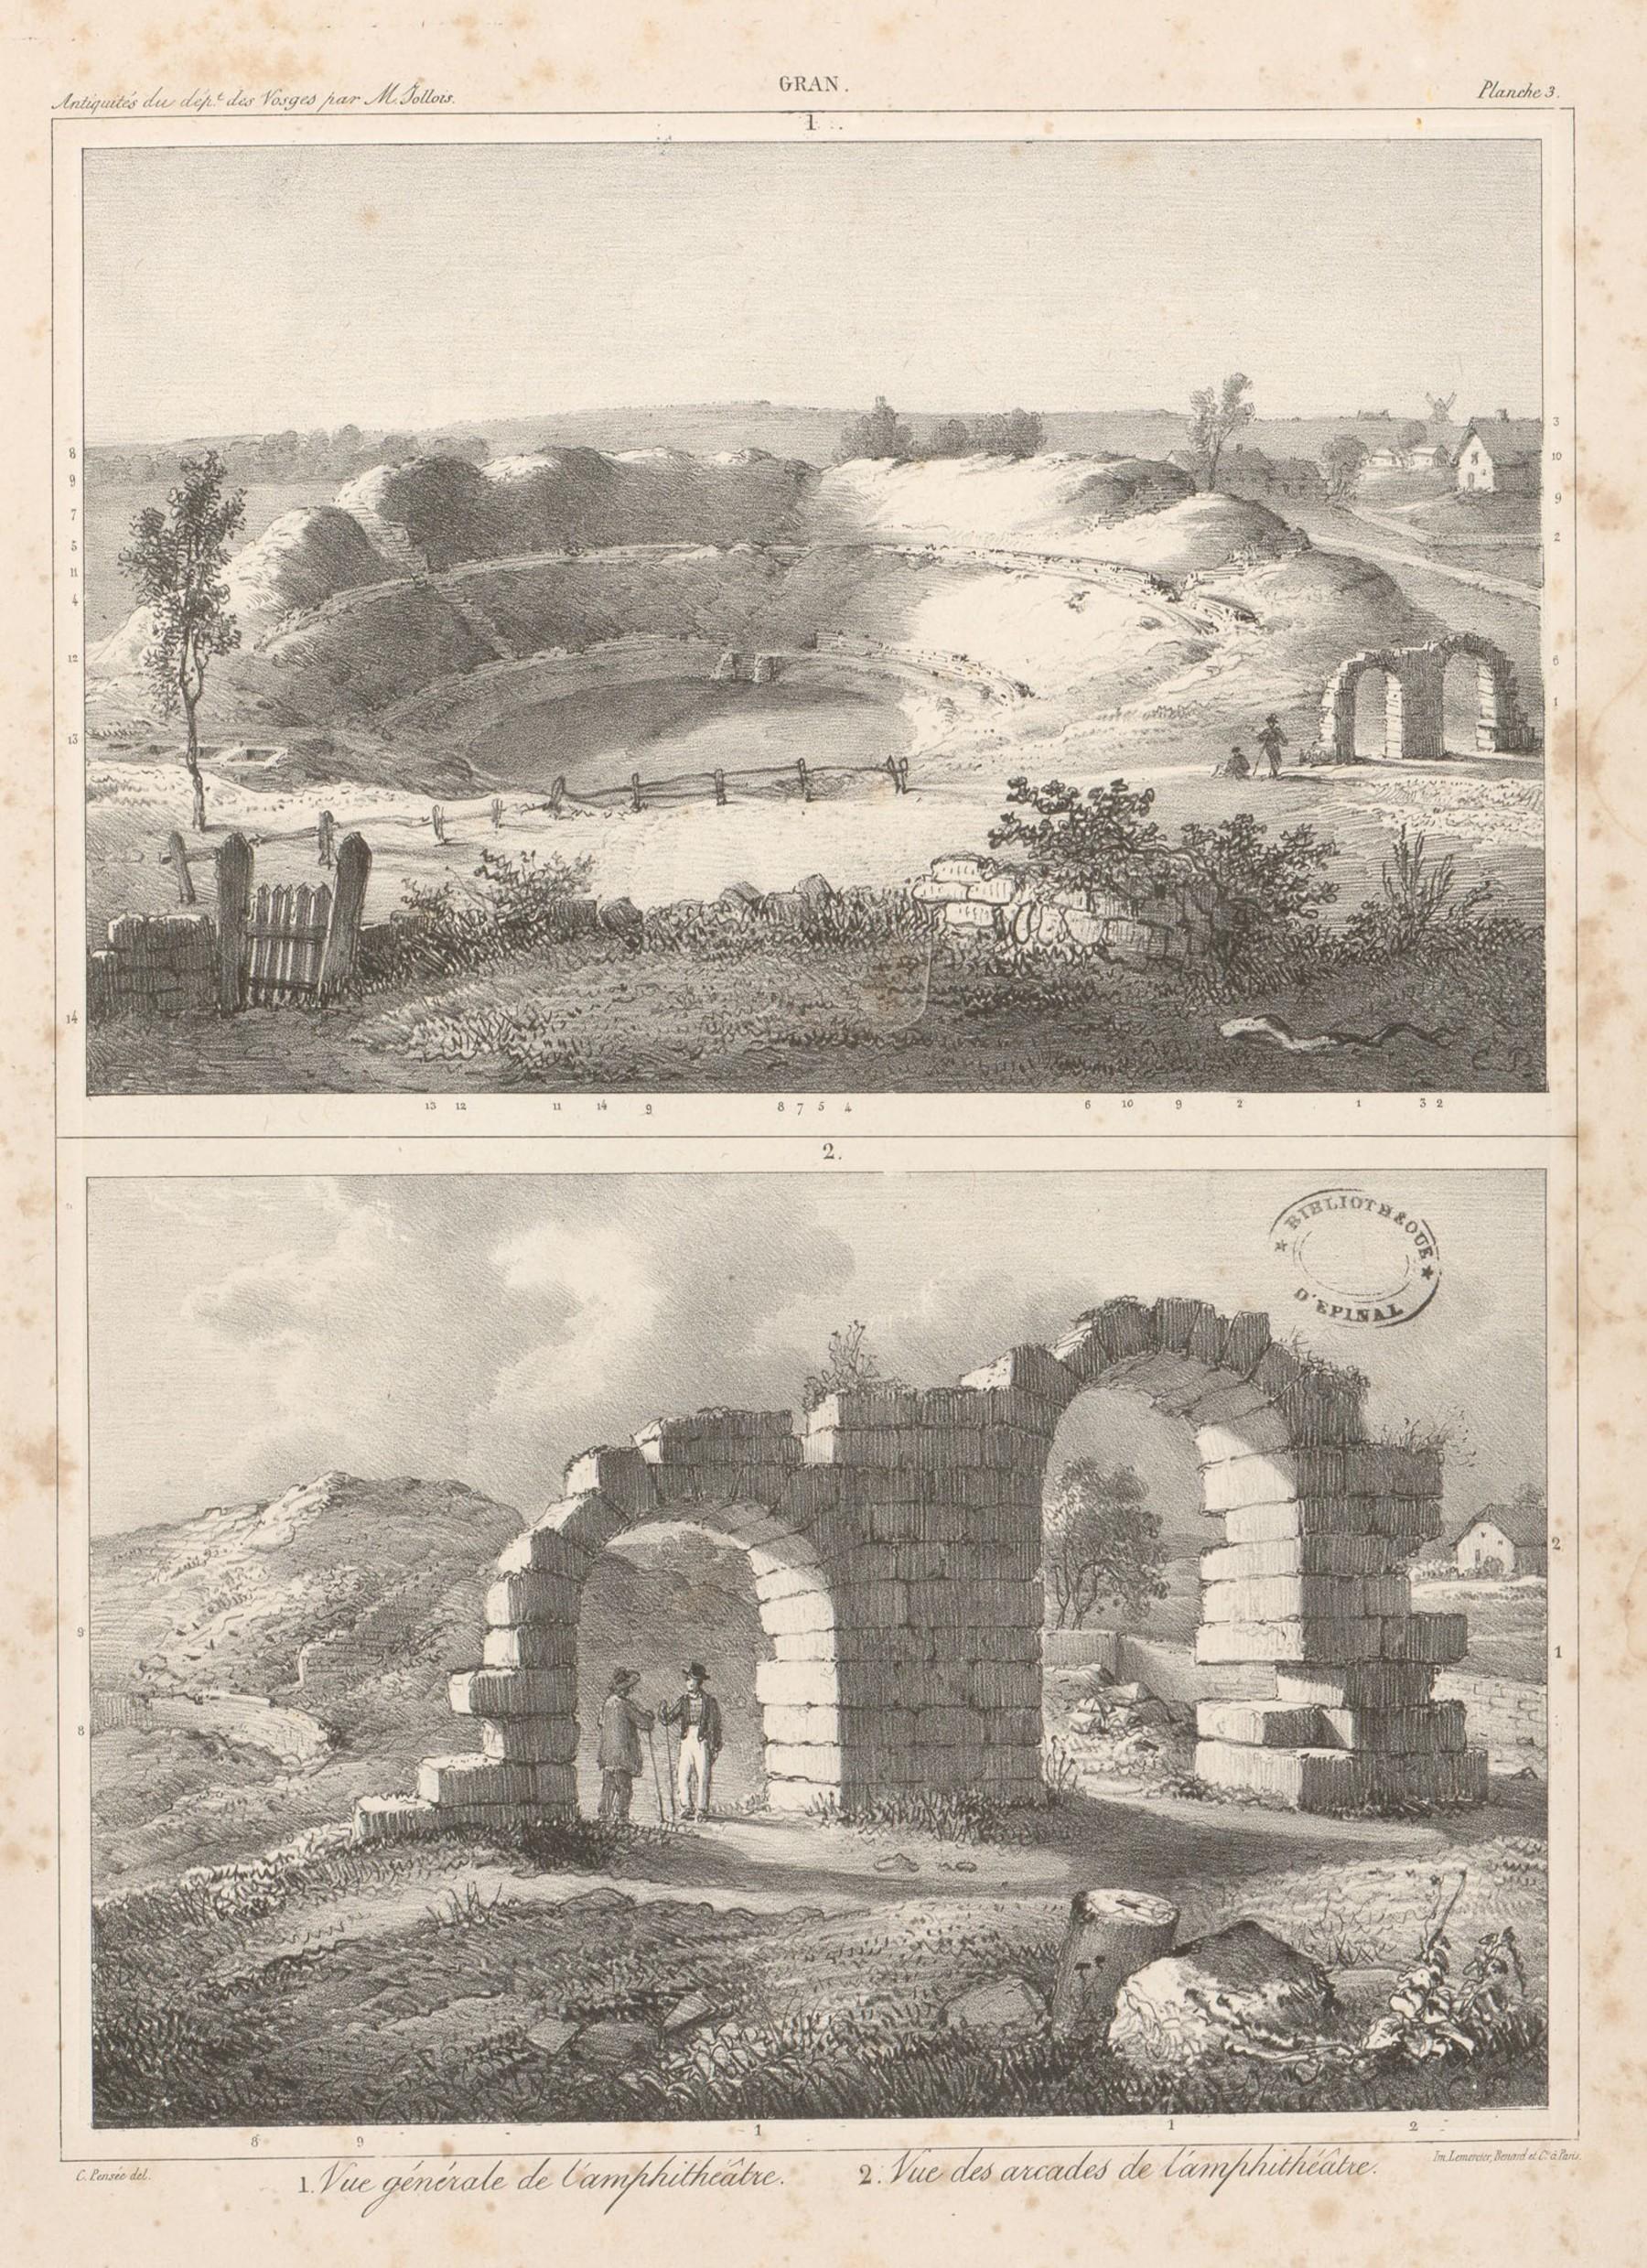 Contenu du Amphithéâtre de Grand